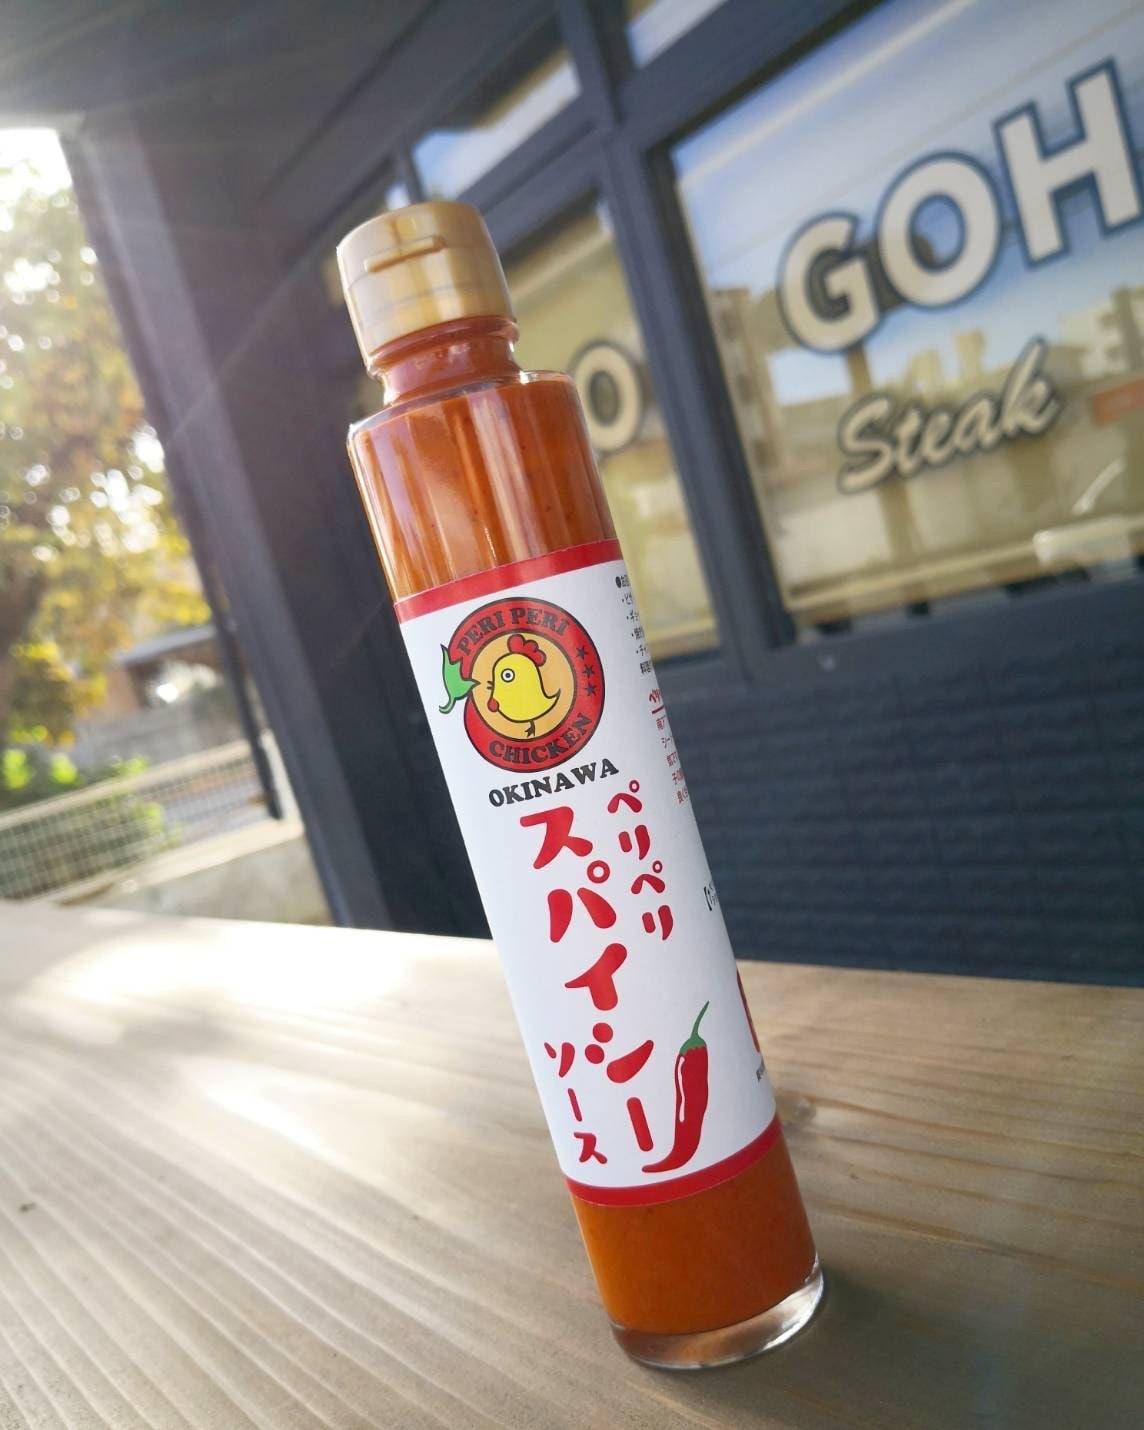 ペリペリスパイシーソースの通販はペリペリチキン沖縄で。国産初の化学調味料無添加の安心の調味料として色んな料理で使えます